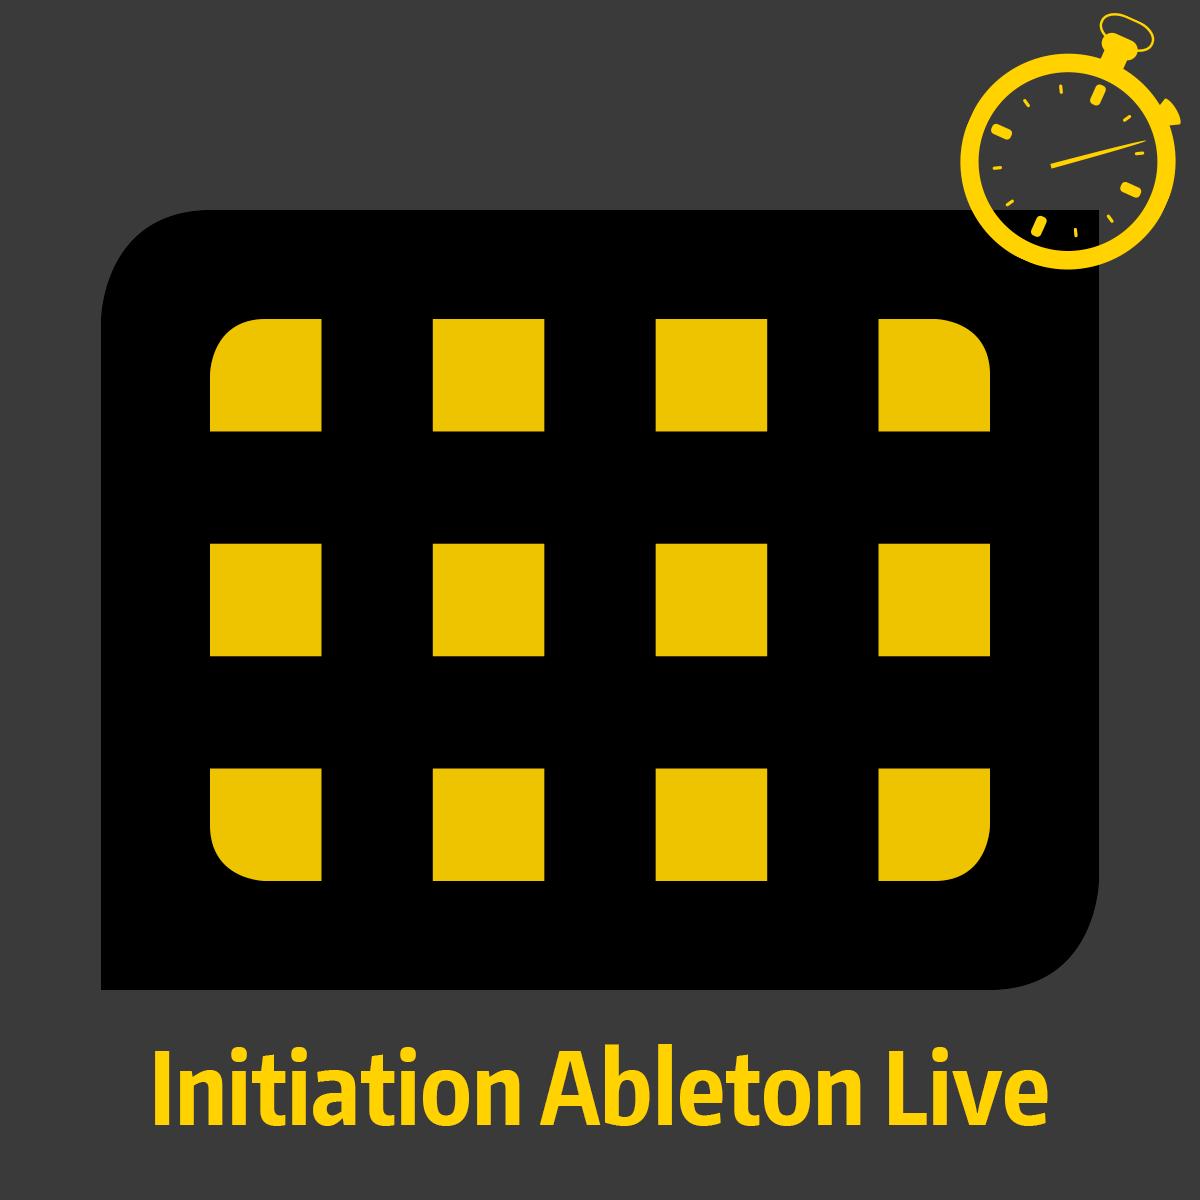 Formation accélérée - Initiation Ableton Live